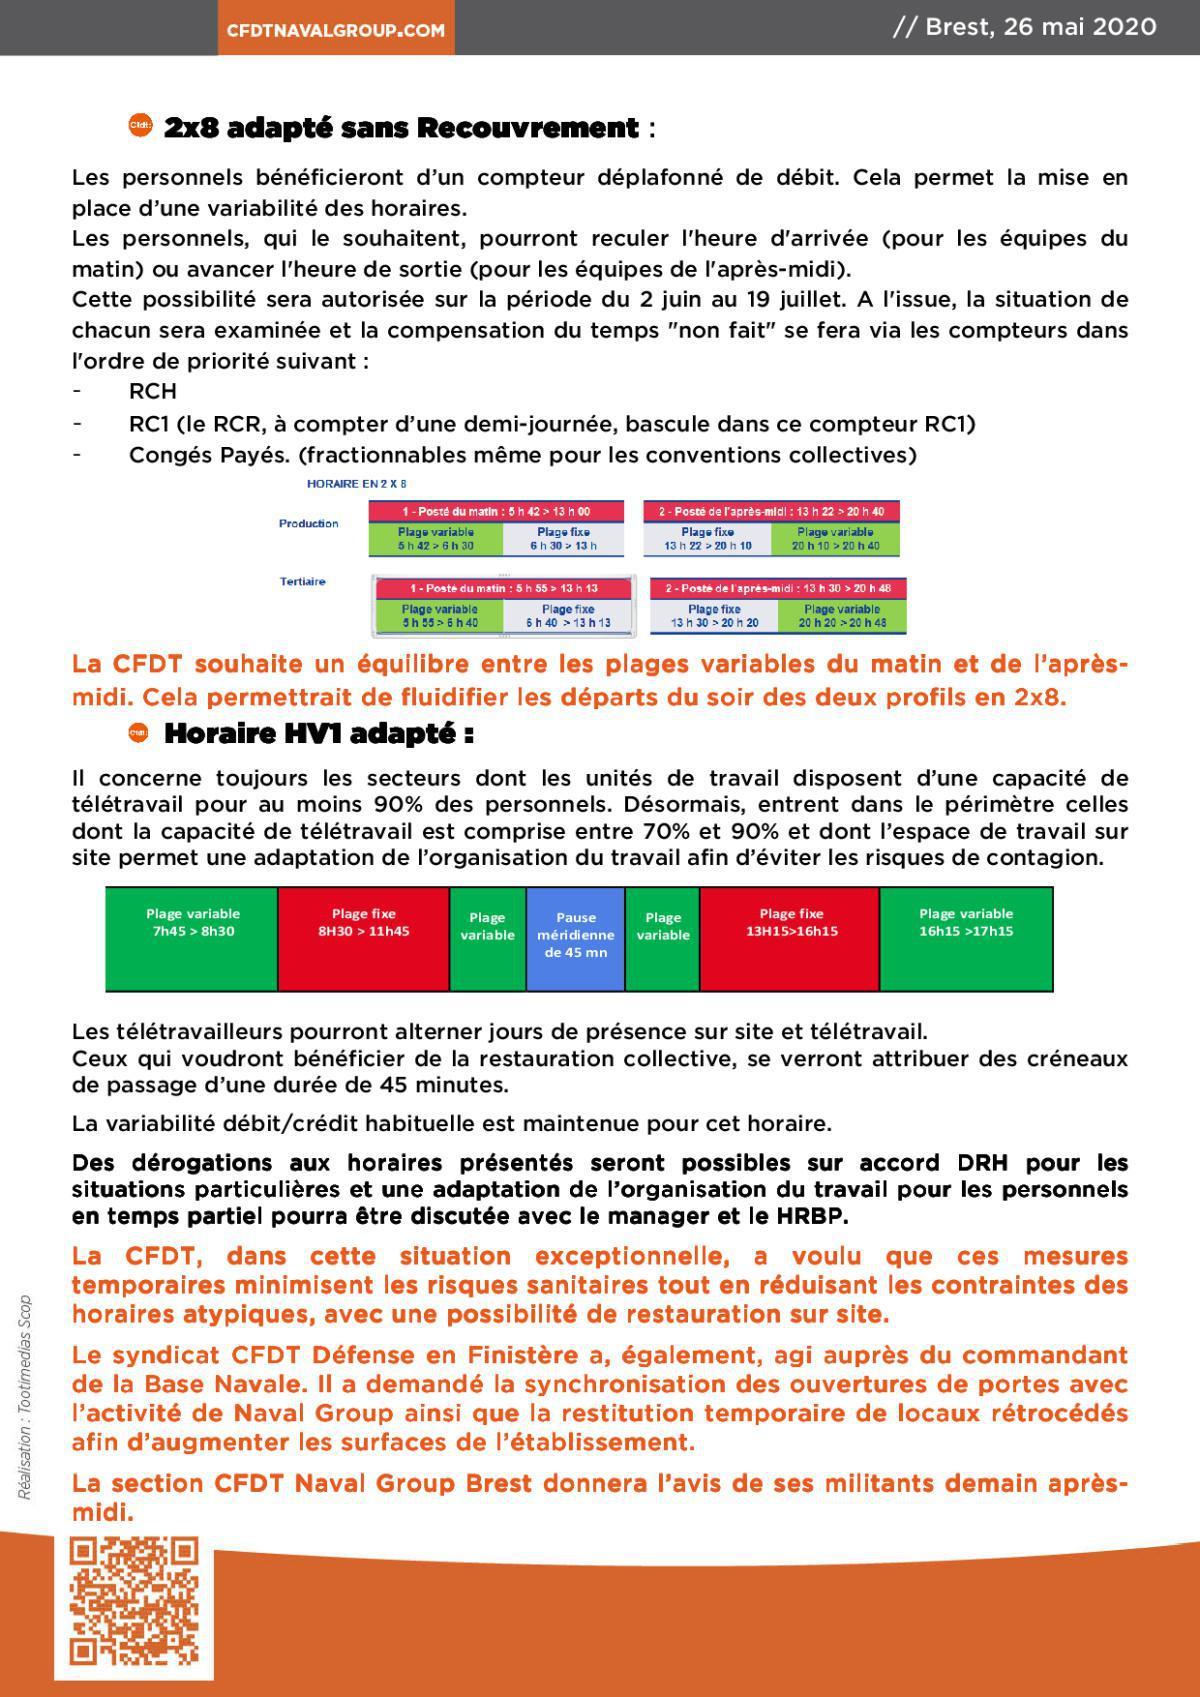 INFOS BREST du 26 mai 2020